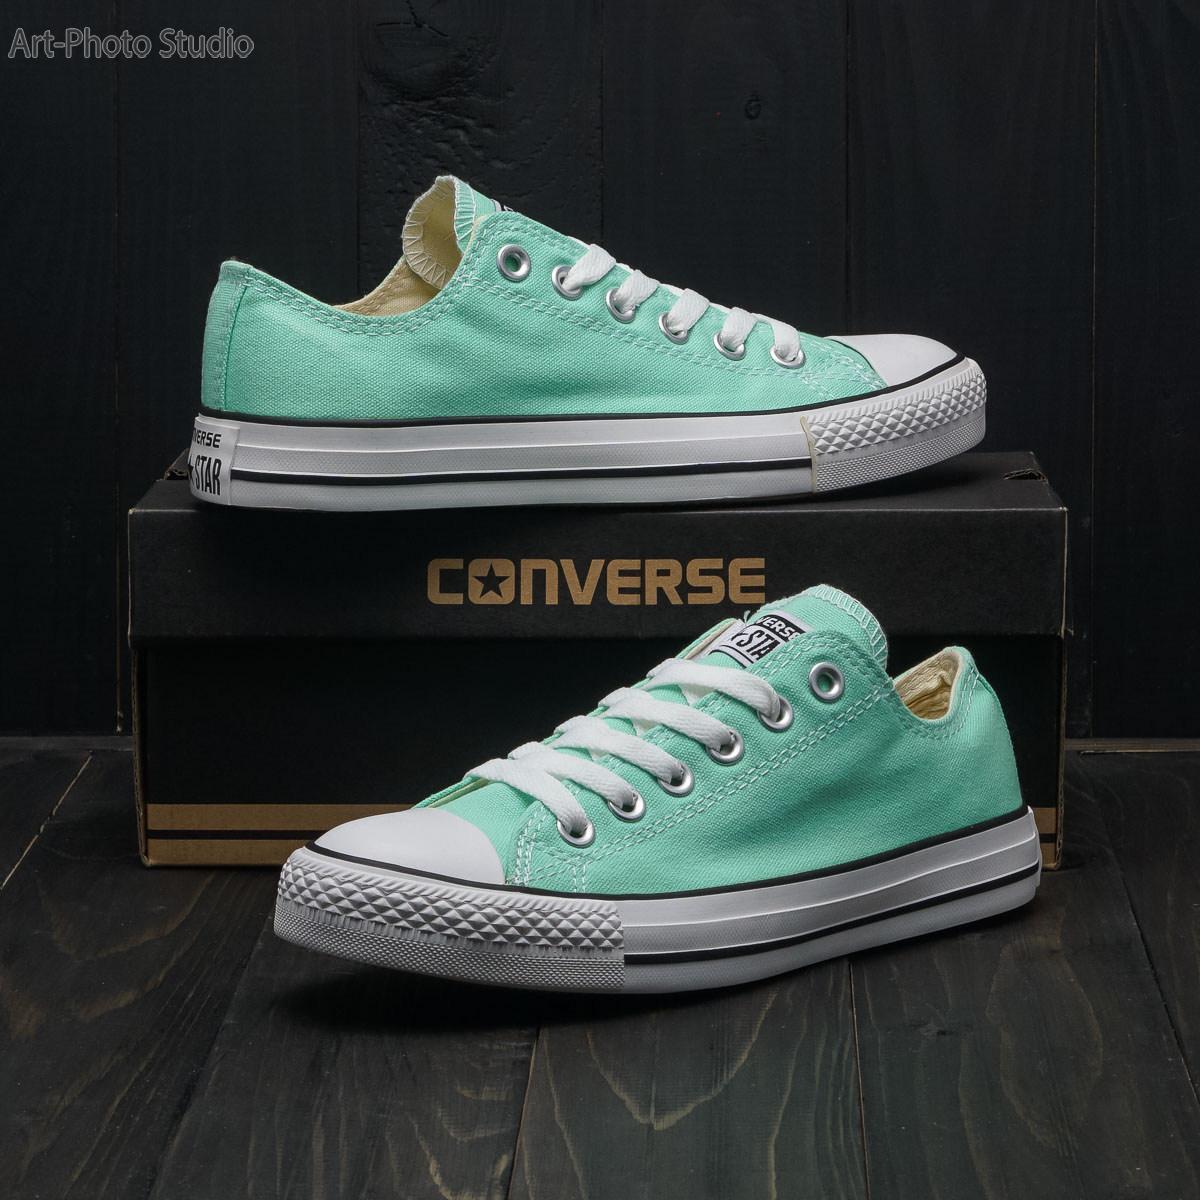 предметные фотографии спортивной обуви - кеды Converse